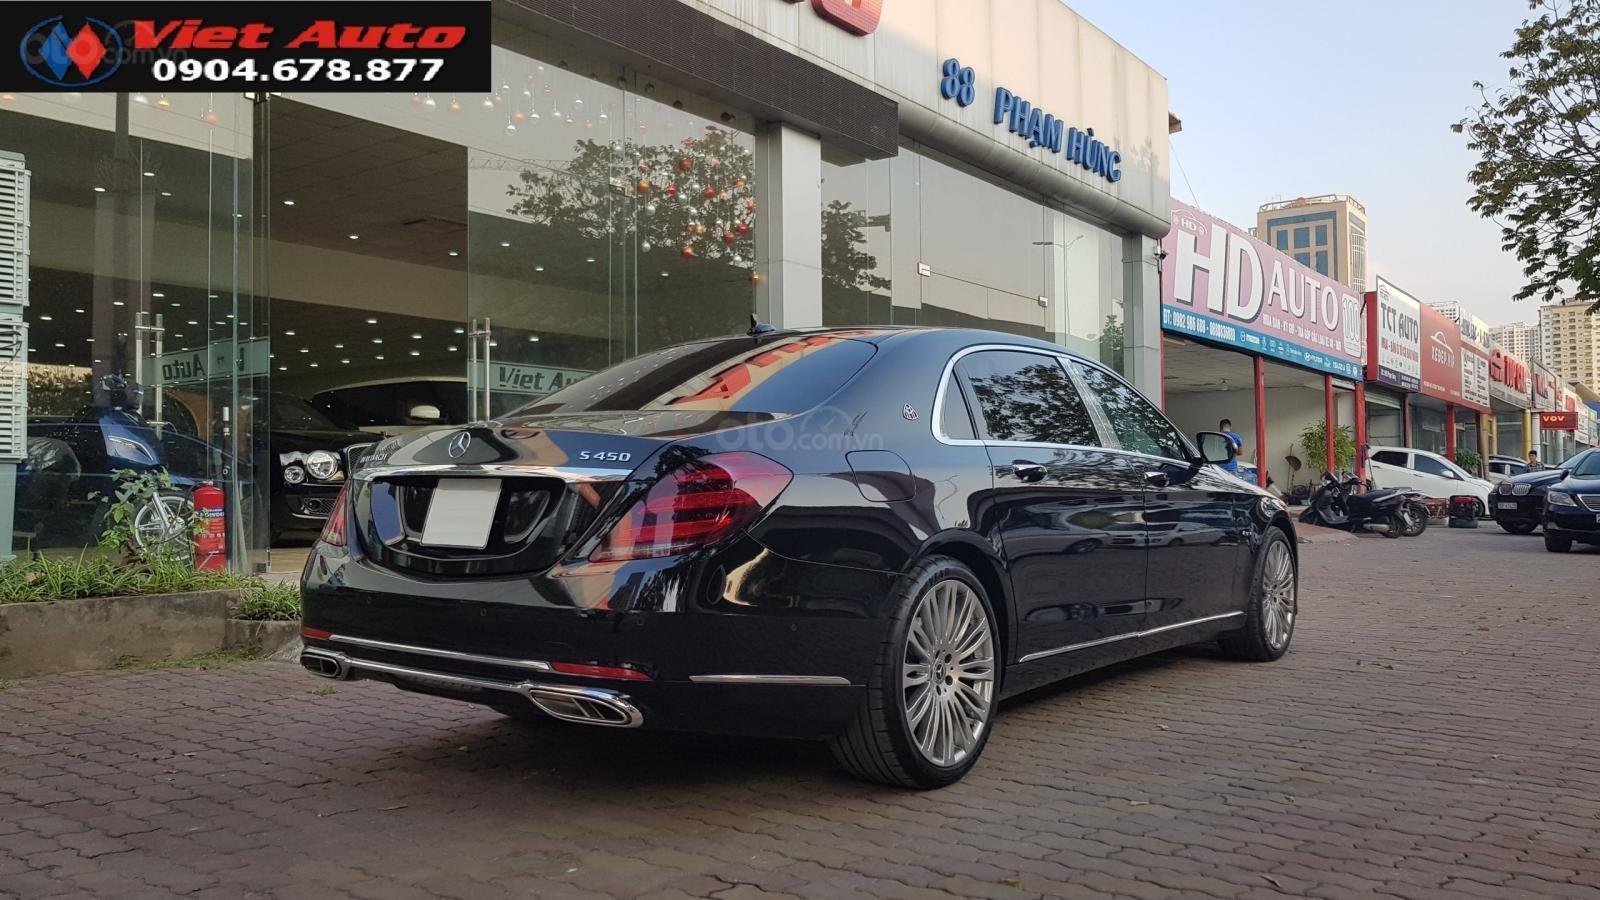 Bán Mercedes-Benz S450 Maybach màu đen, nội thất kem, xe sản xuất 2017, đăng ký lần đầu 4/2018 tên công ty-13